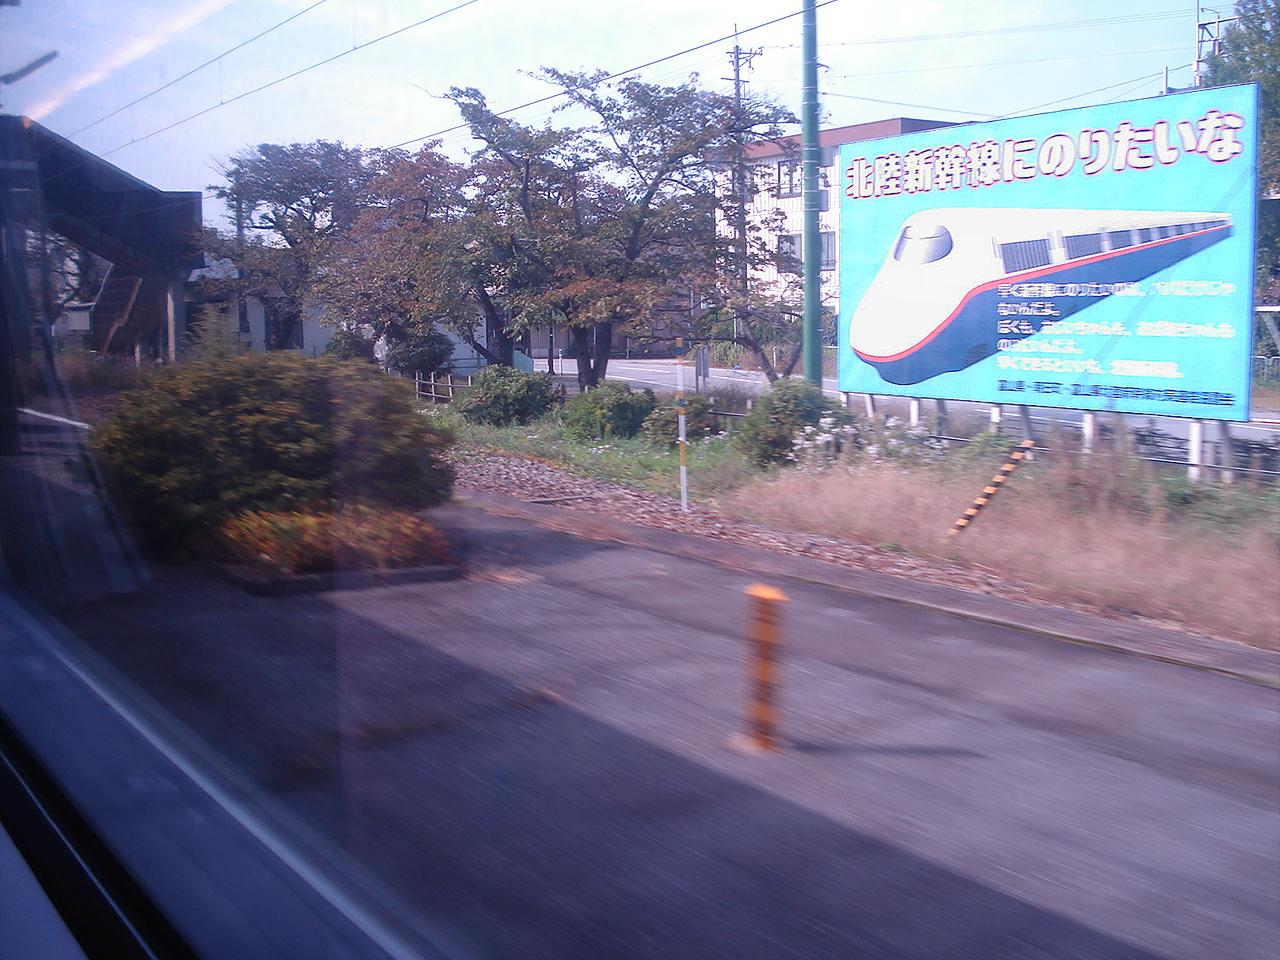 http://moritetsu.info/train/img/DSC01803sssss.jpg